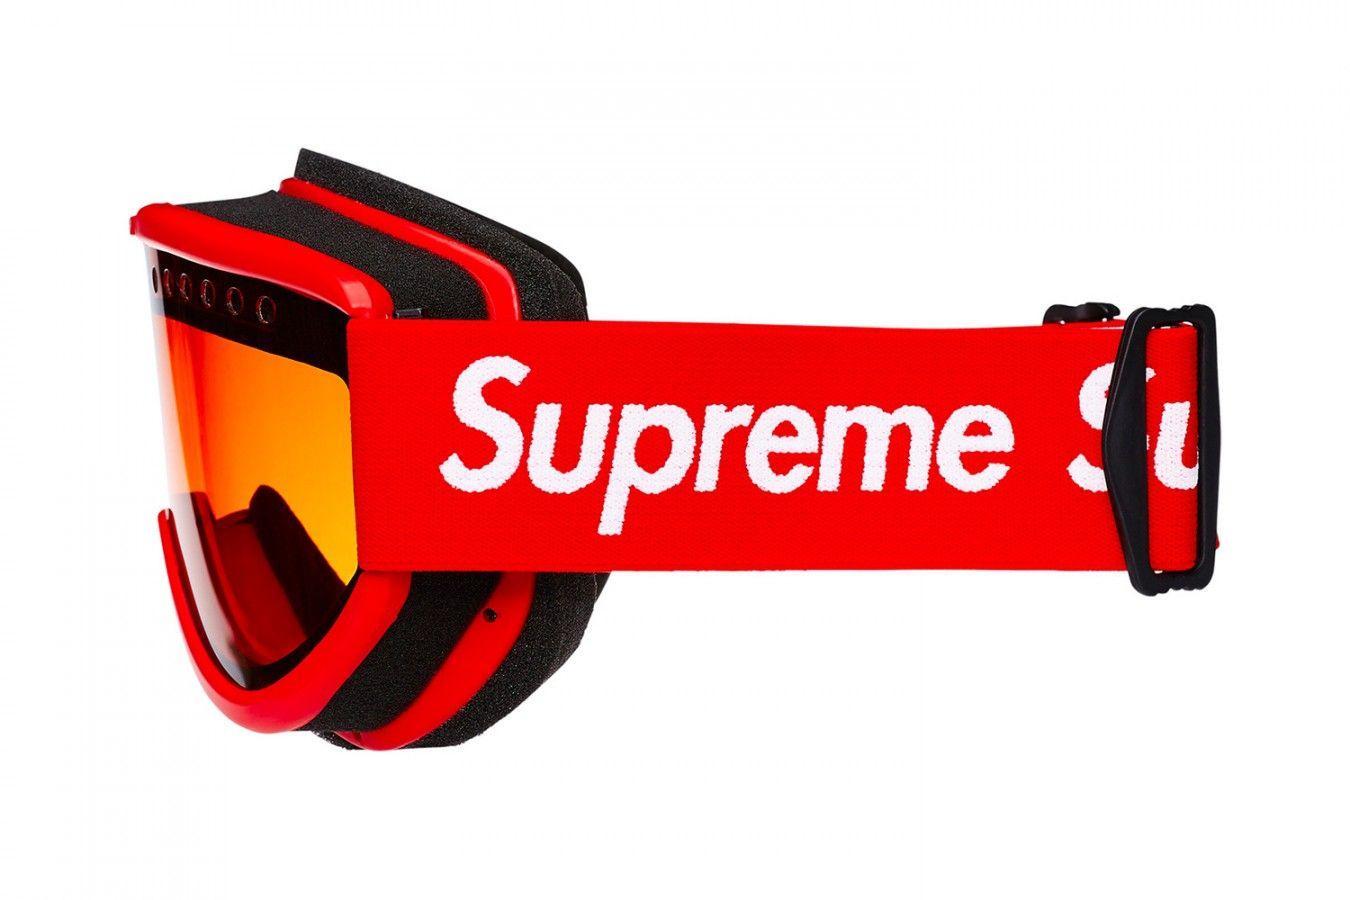 99a4b5ba7bd6 Supreme Releases Ski Goggles